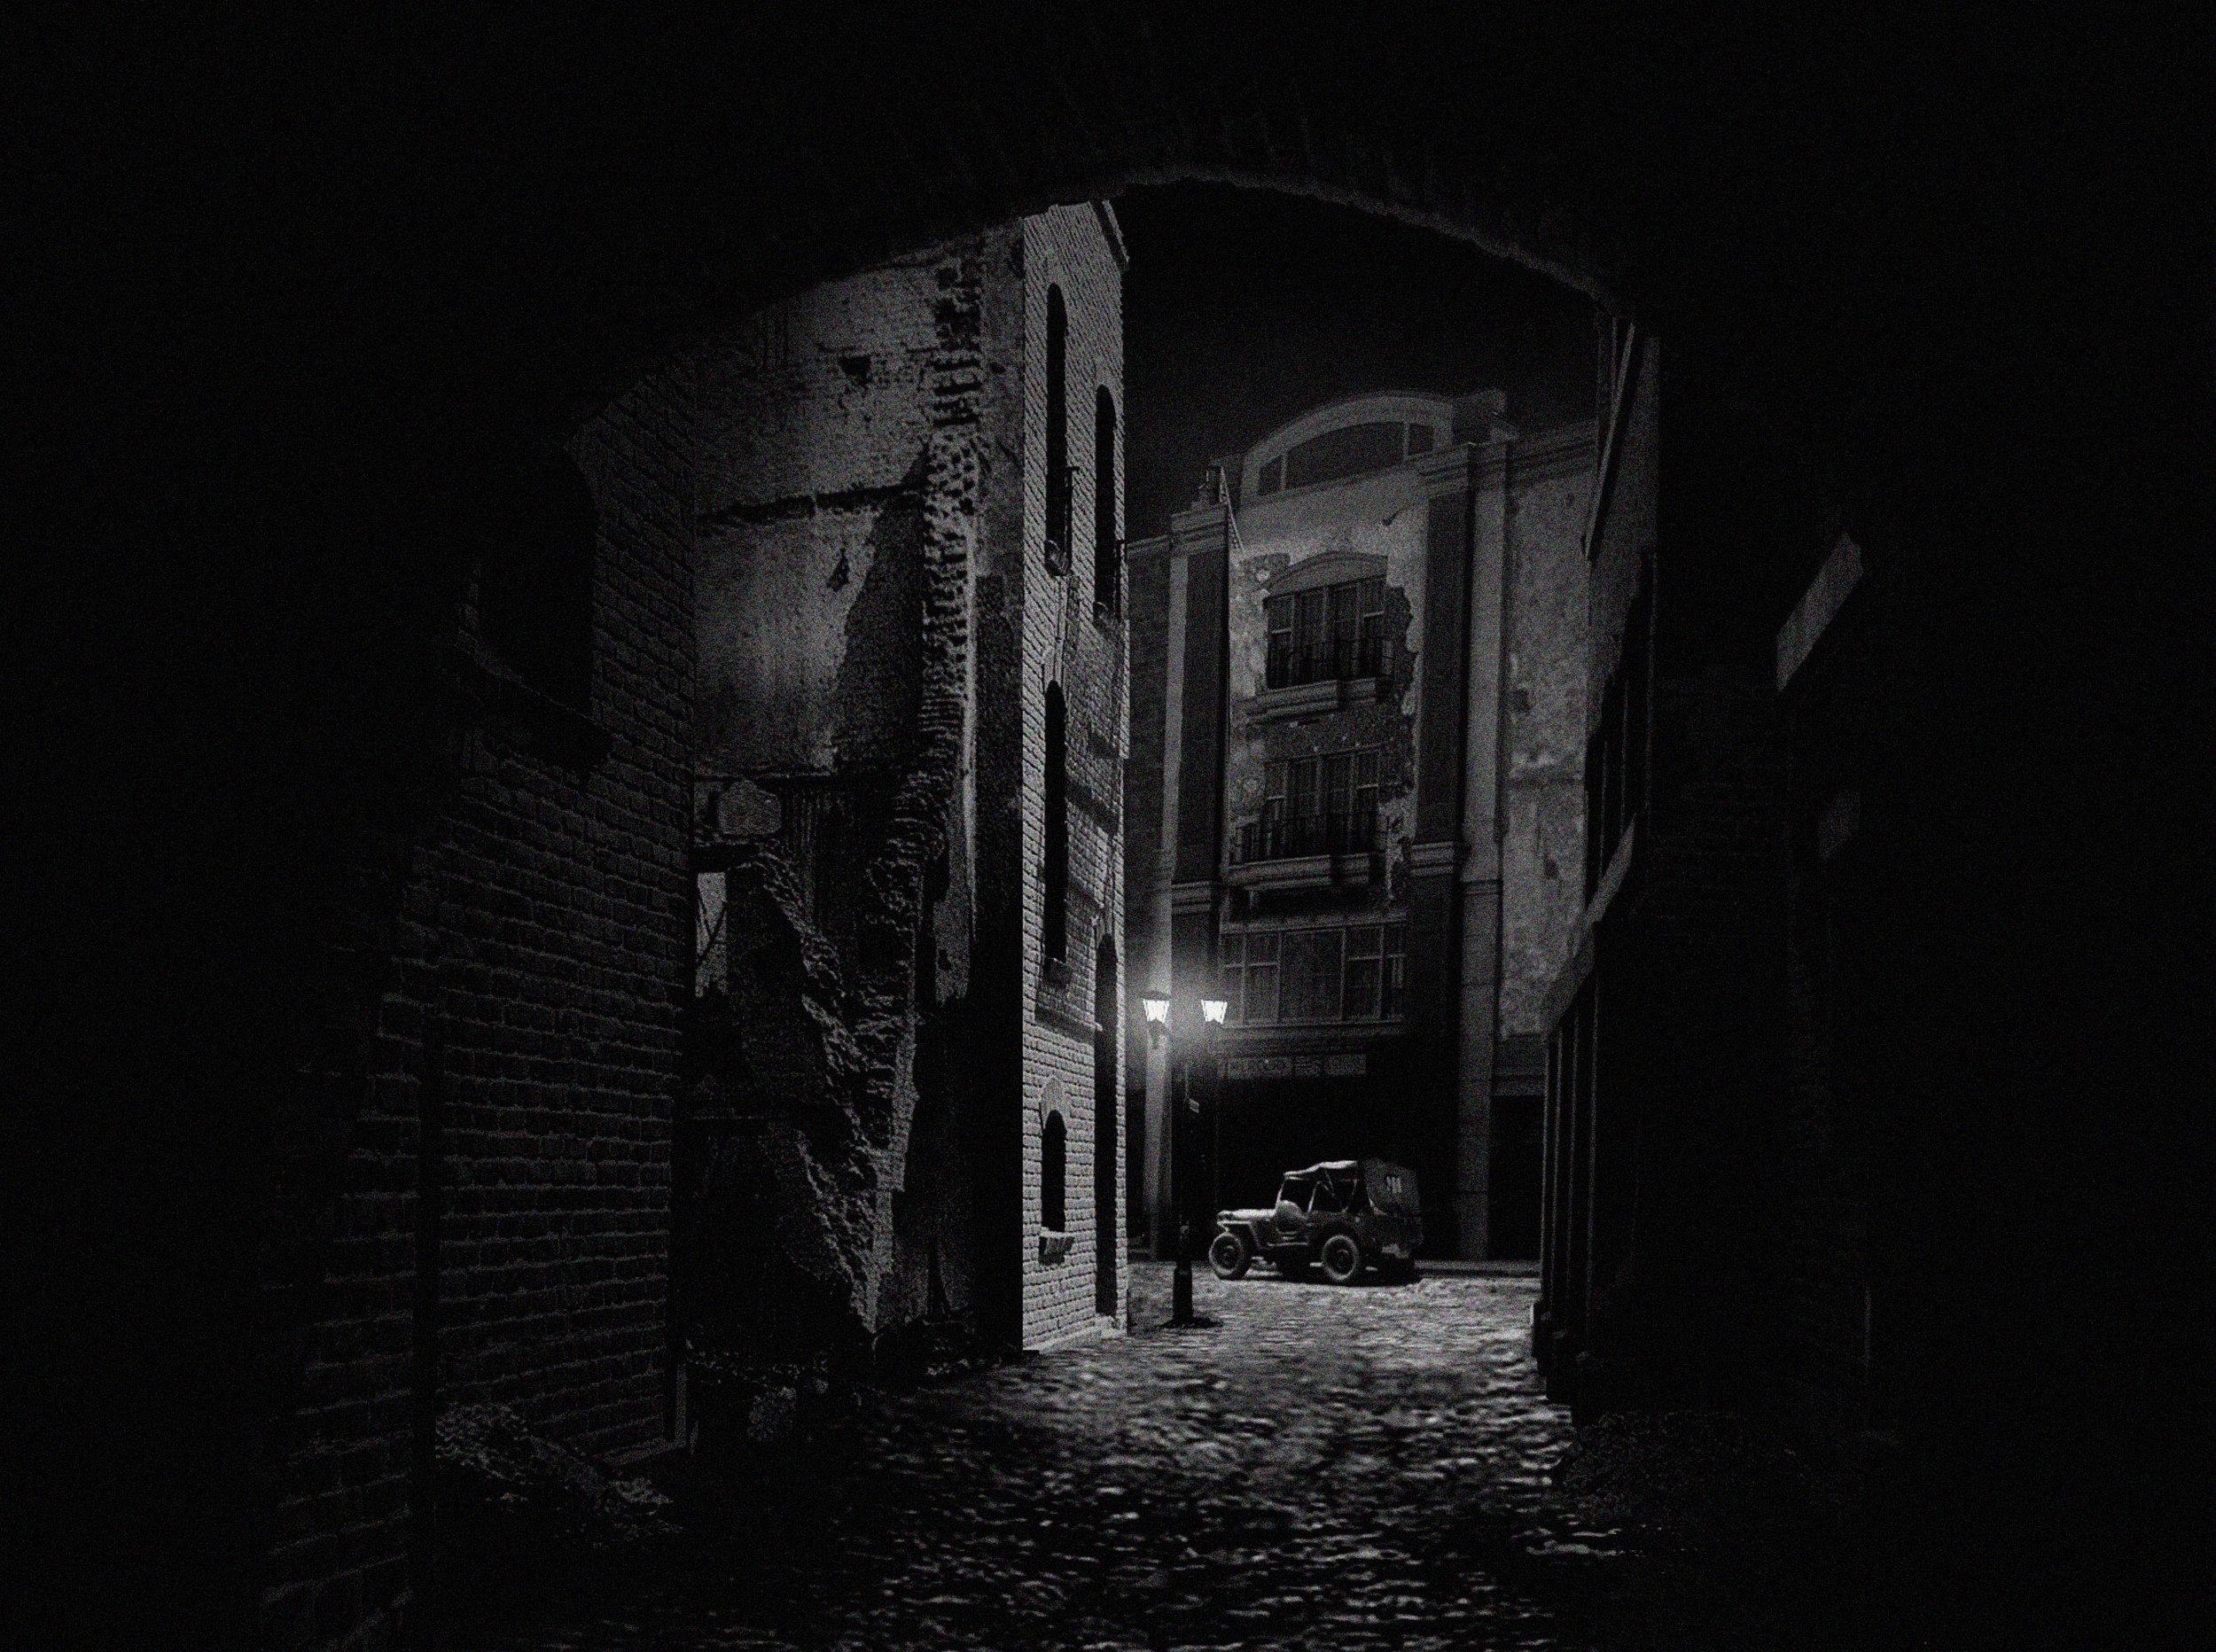 Illustration: Alley